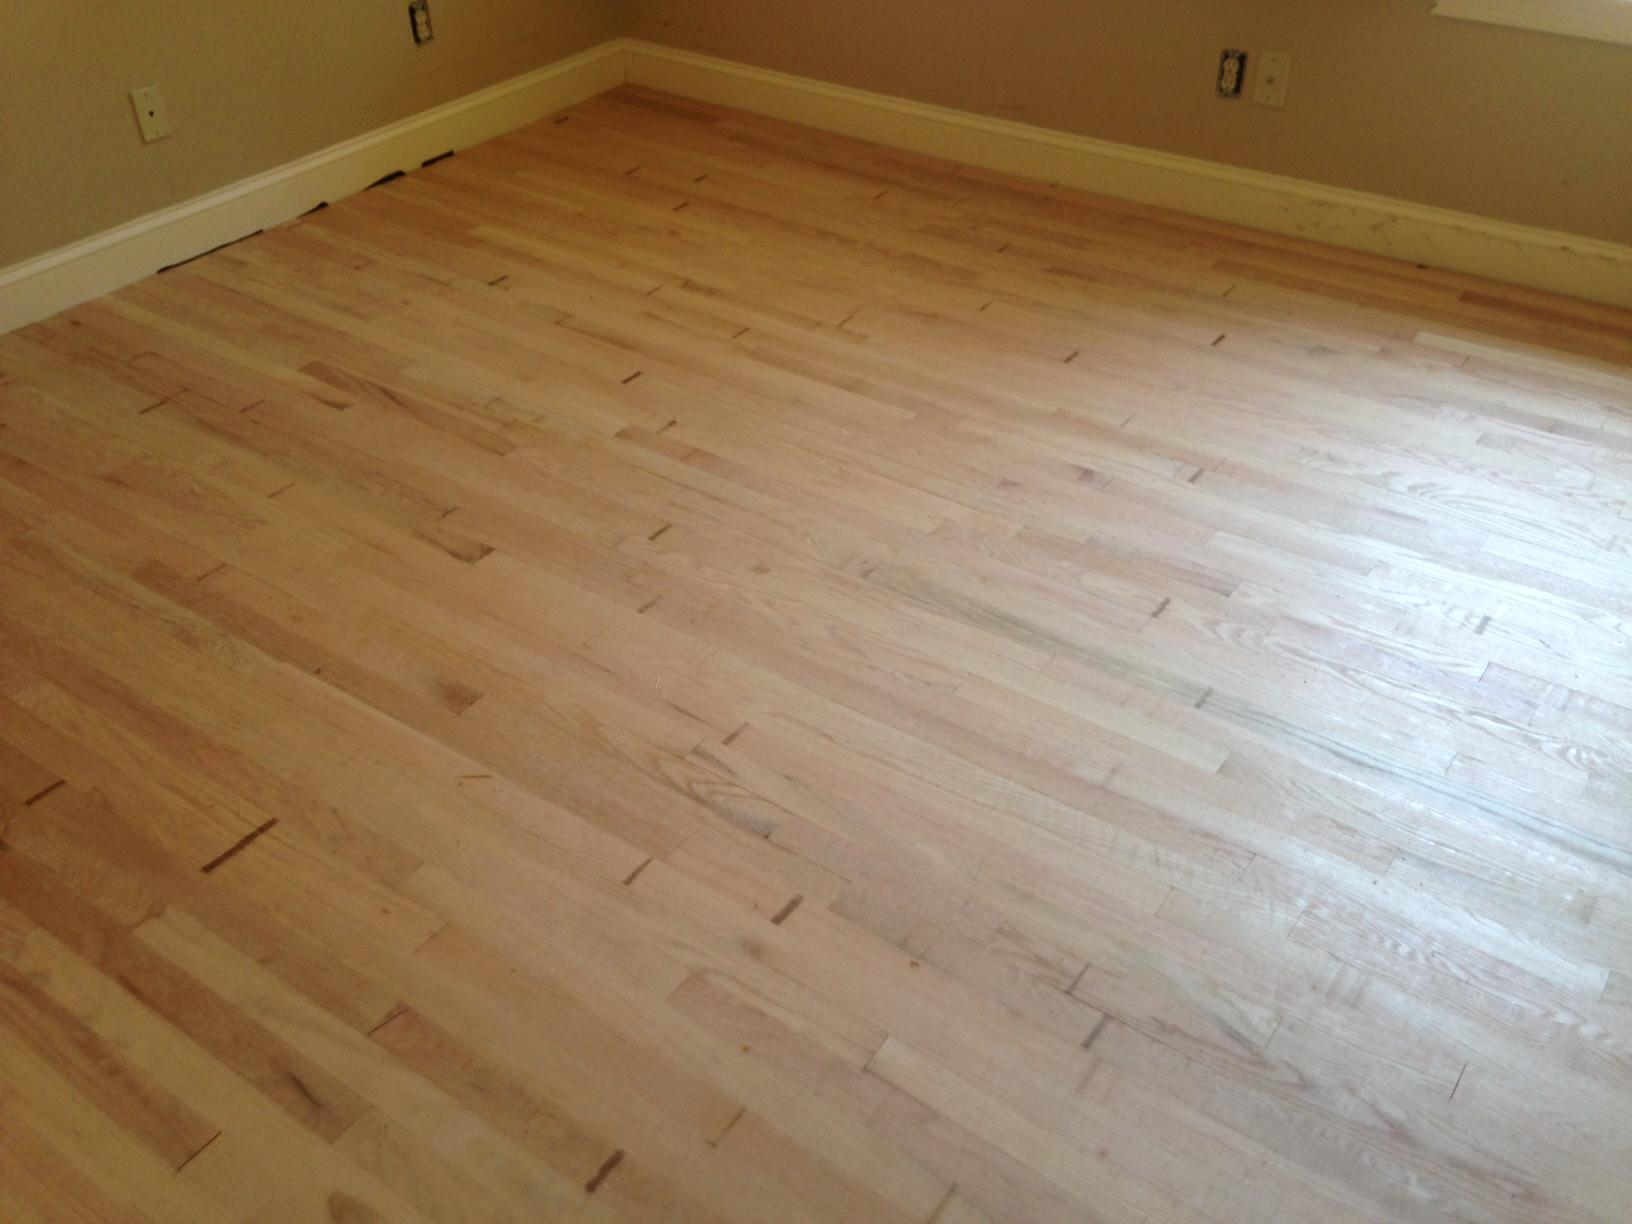 Sanding New Hardwood Floors New Hardwood Floors Wood Floor Refinishing Epping Forest